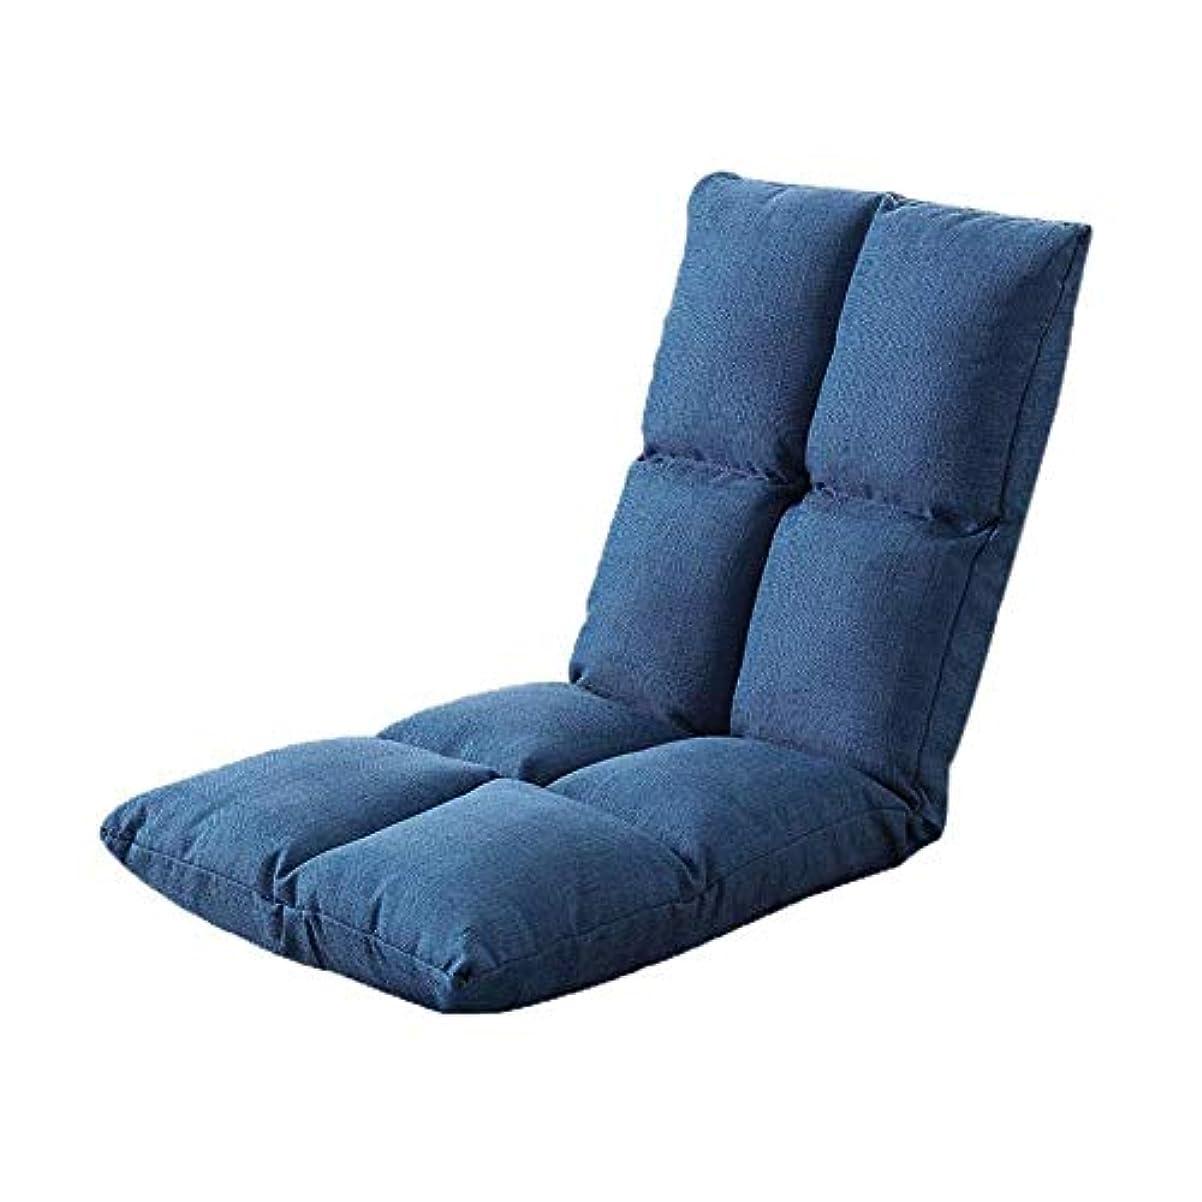 ミサイルビーム看板瞑想用椅子、座るソファ、畳の畳の背もたれ、折り畳み式の洗える増粘剤、バルコニーの寝室のコンピューターのクッション